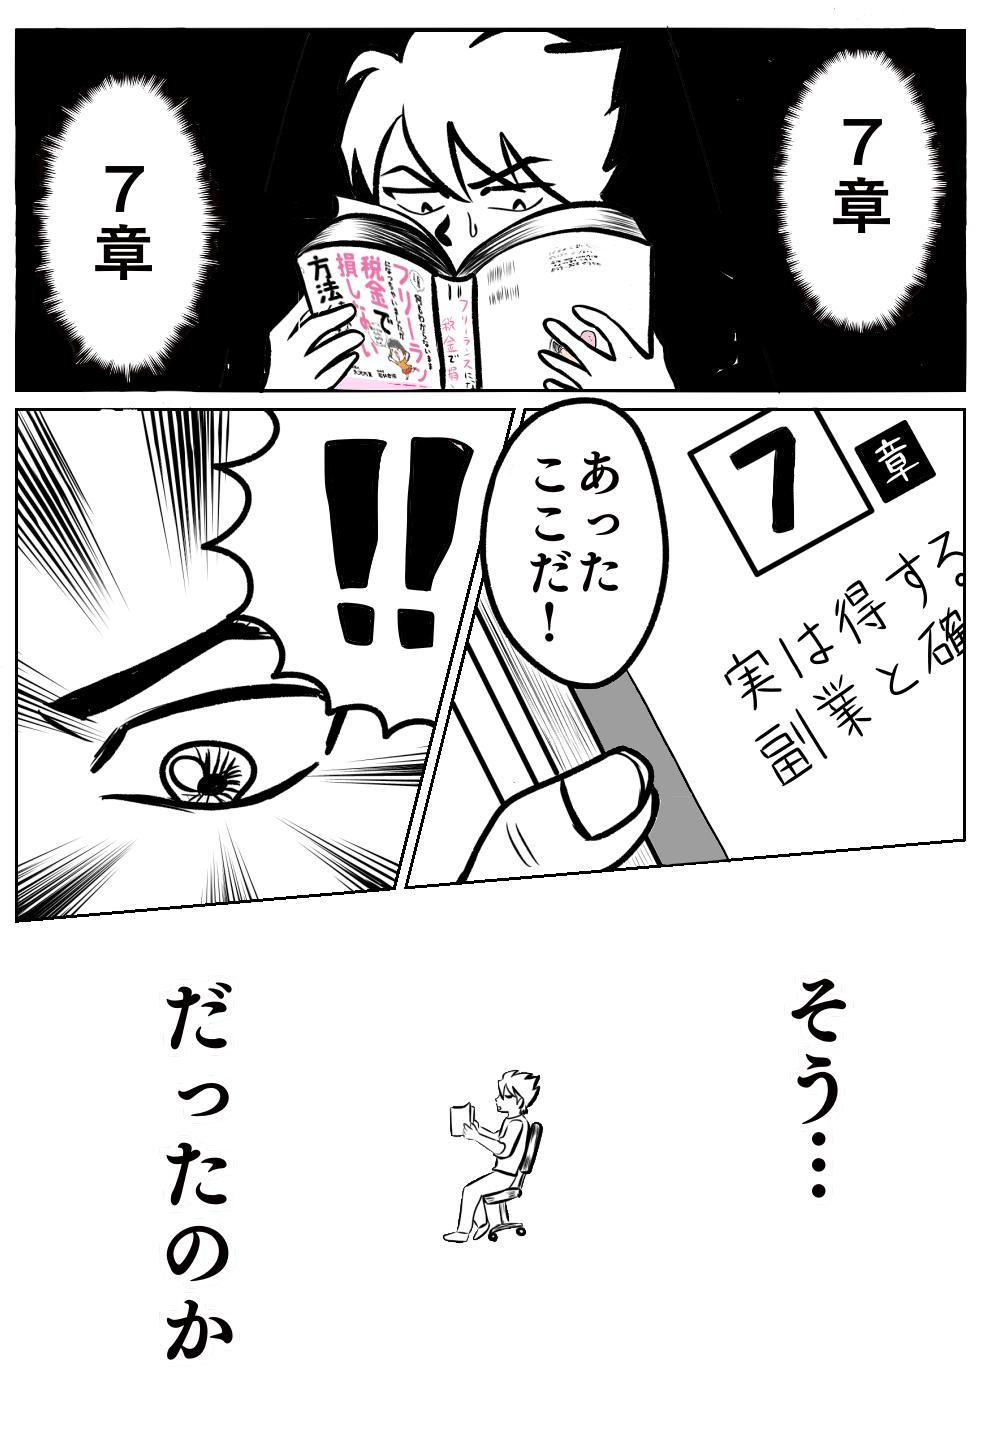 副業バレ怖い漫画2